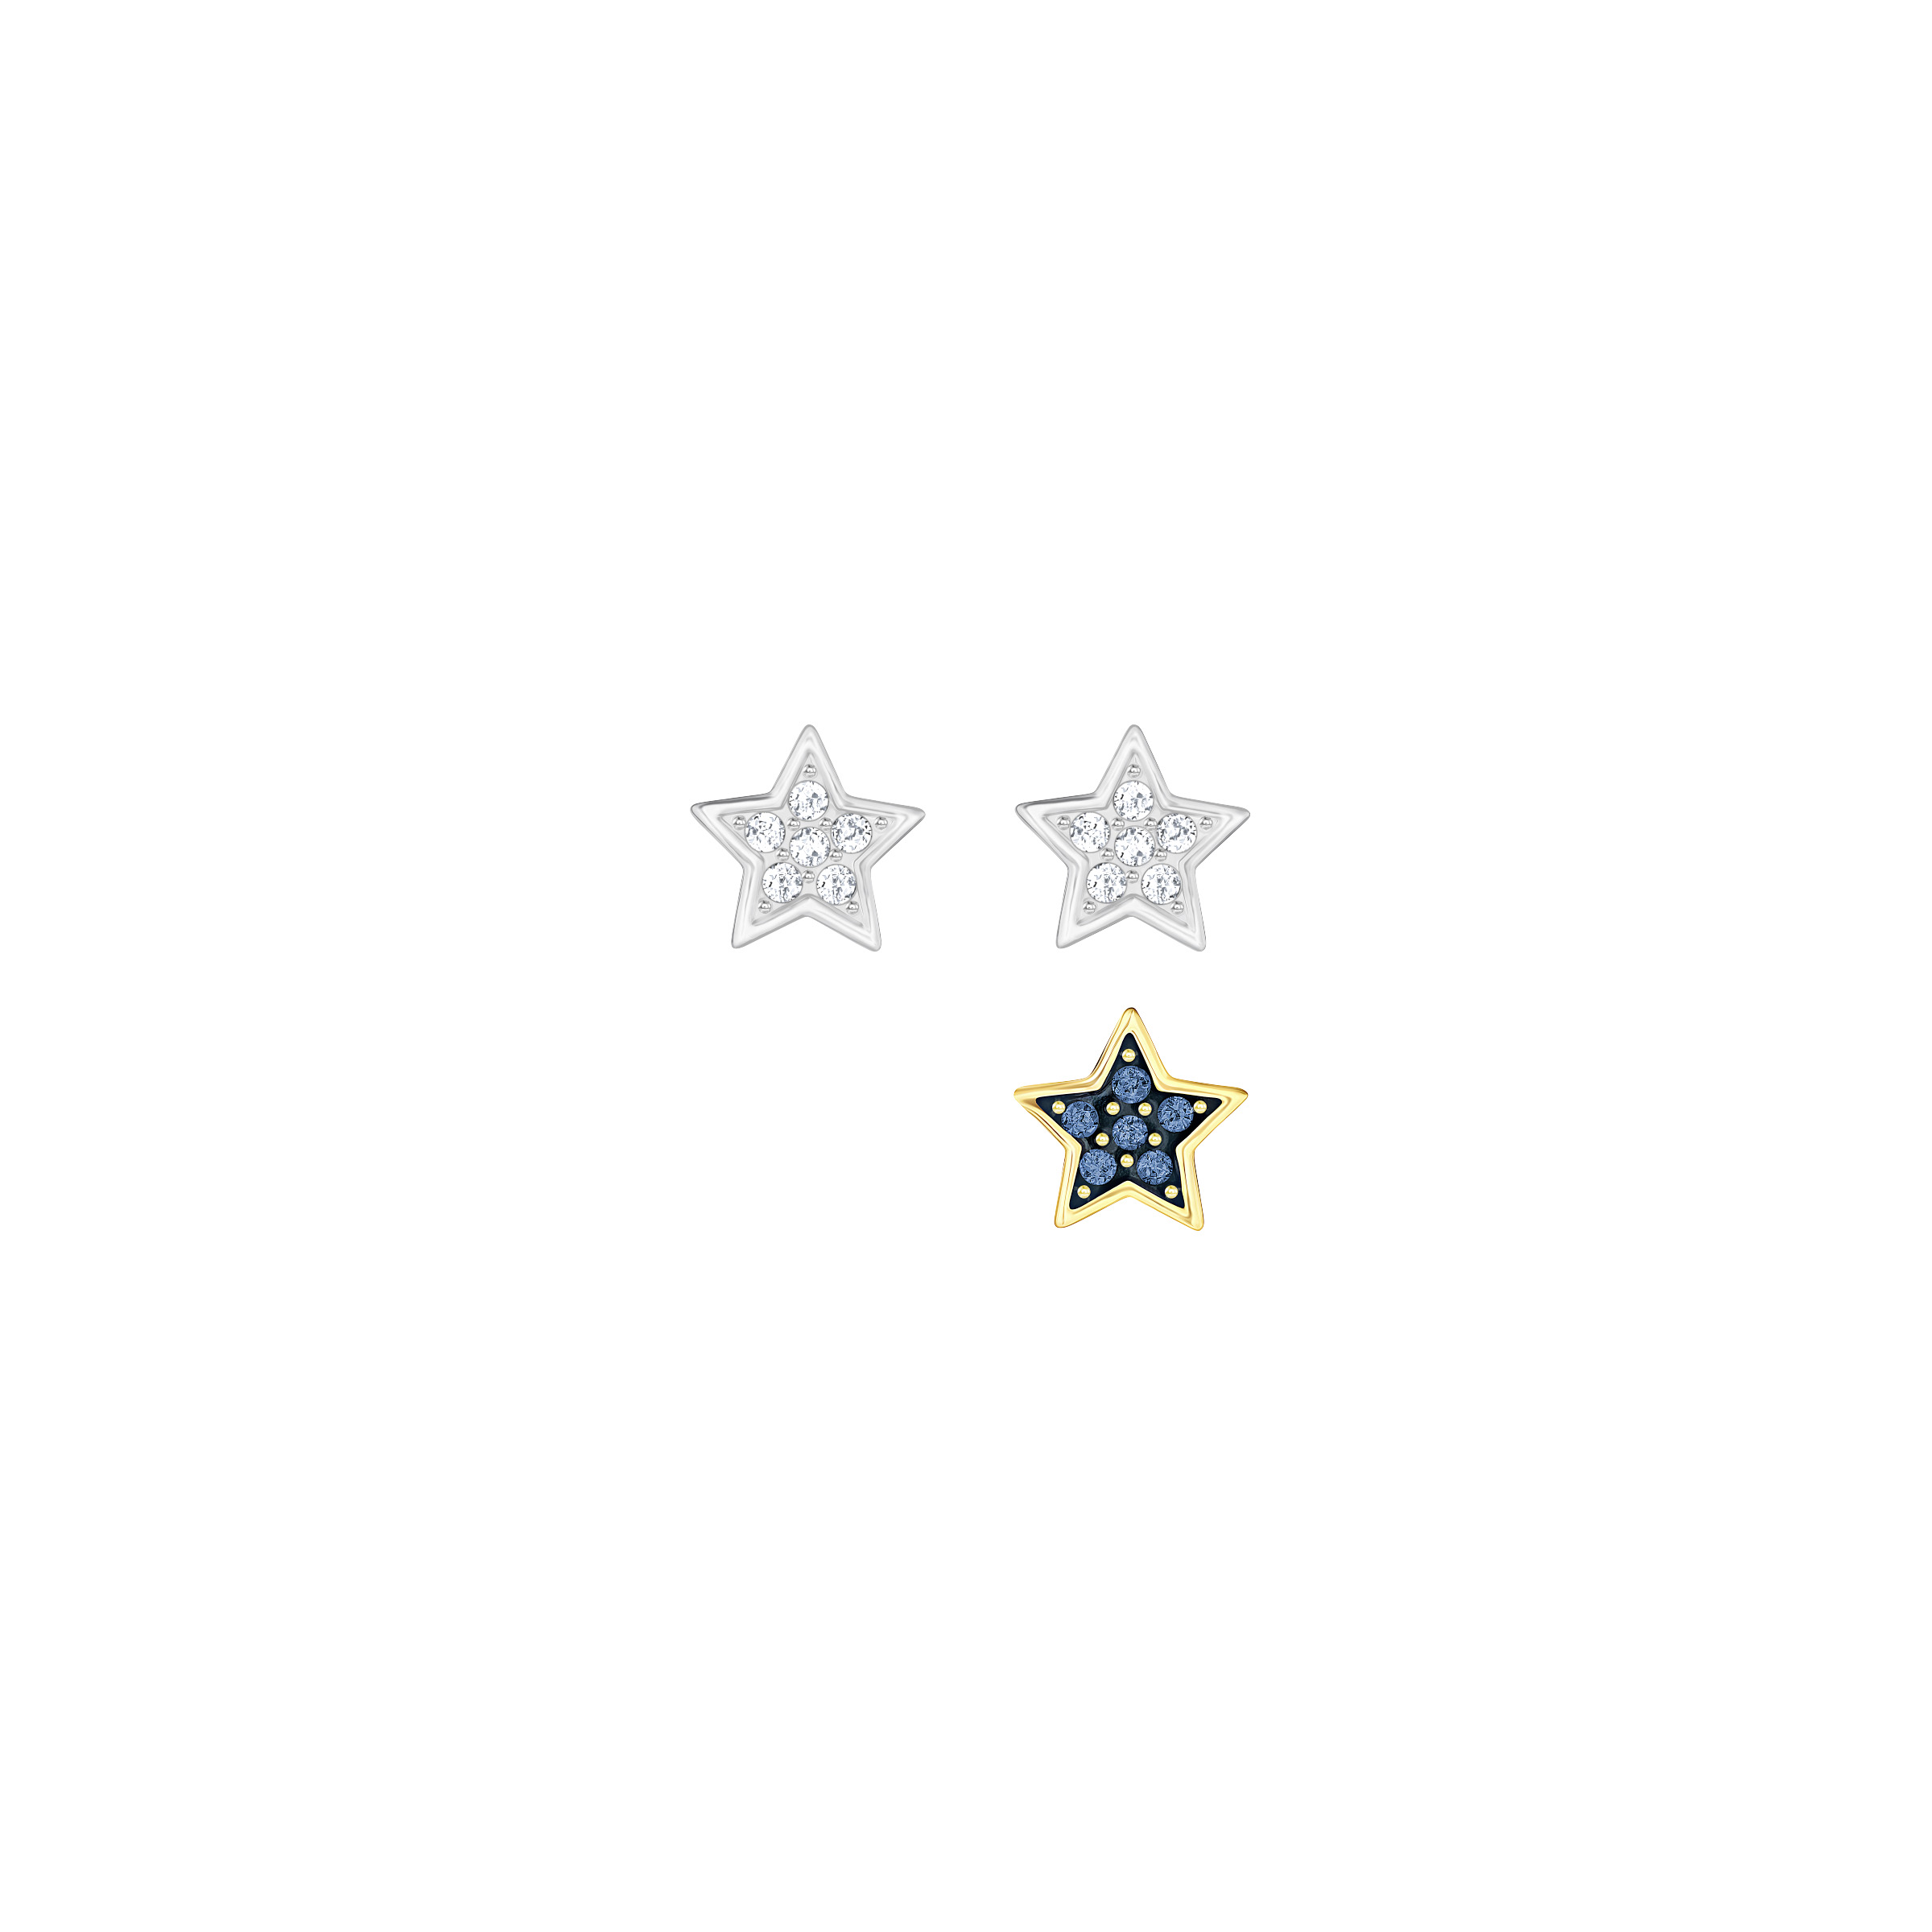 Parure de boucles d'oreilles Swarovski Crystal Wishes Star, multicolore, combinaison de métaux plaqués